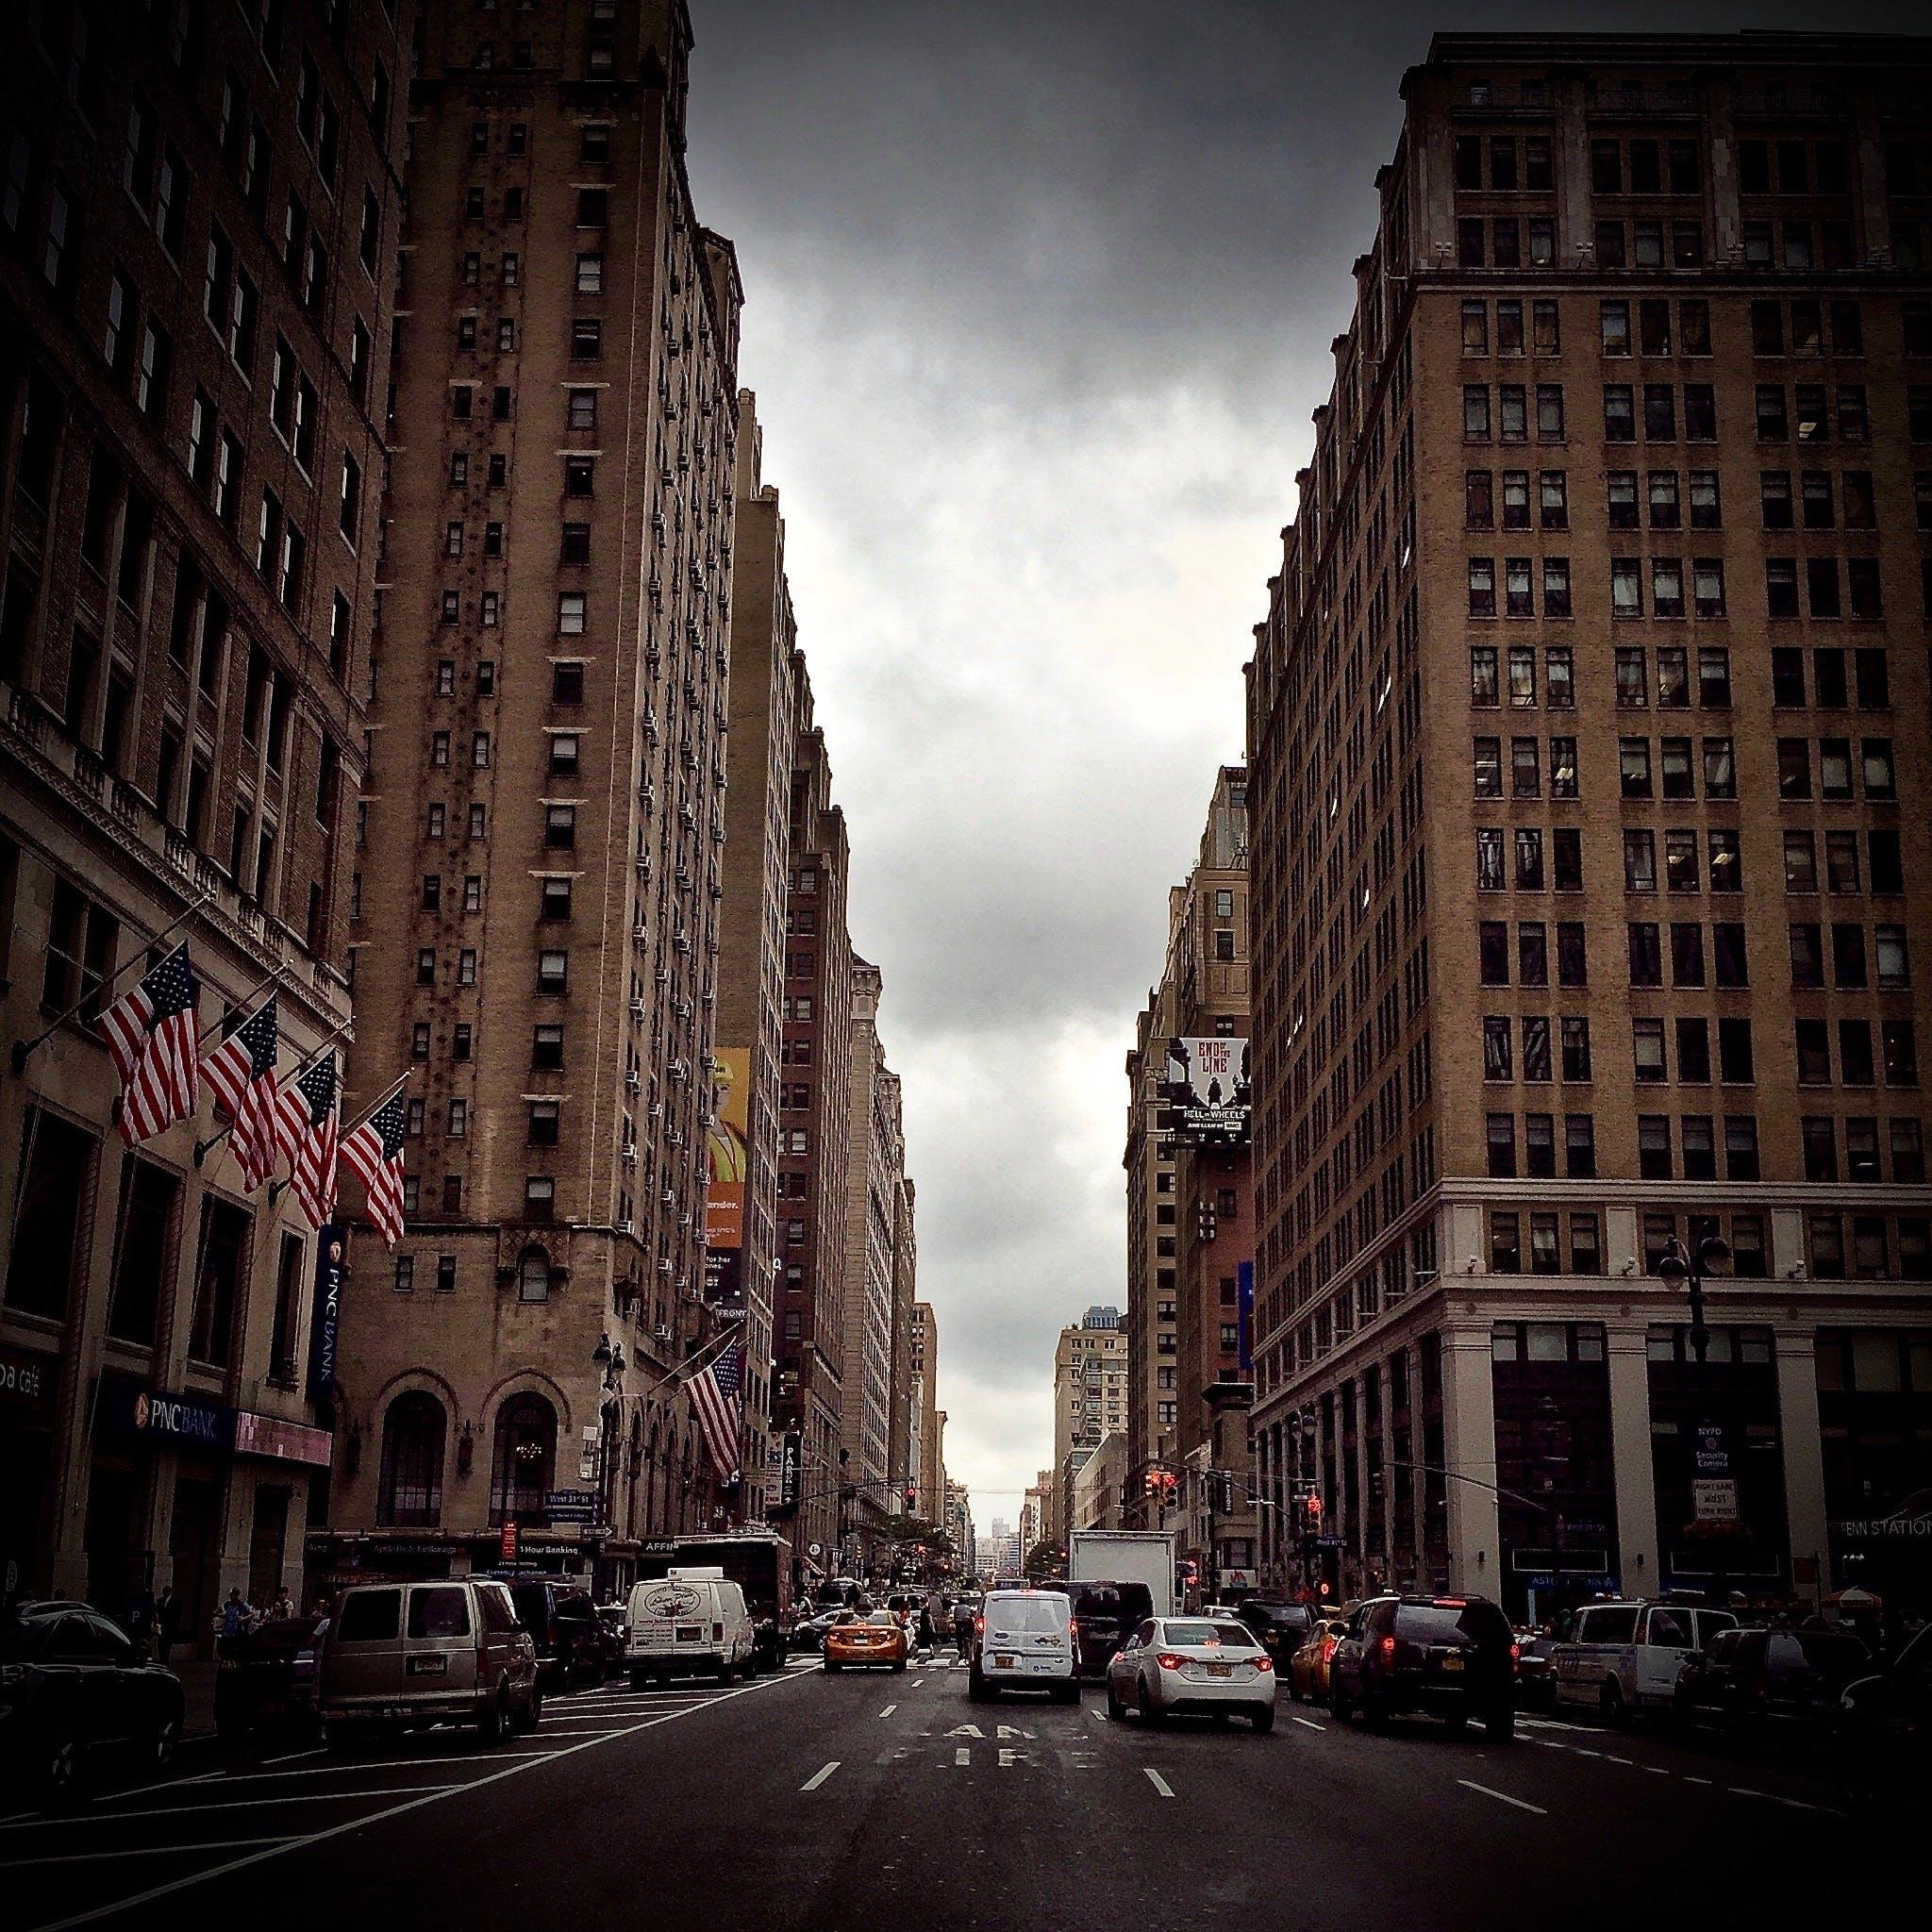 Kostenloses Stock Foto zu allee, amerikanische flaggen, architektur, autos